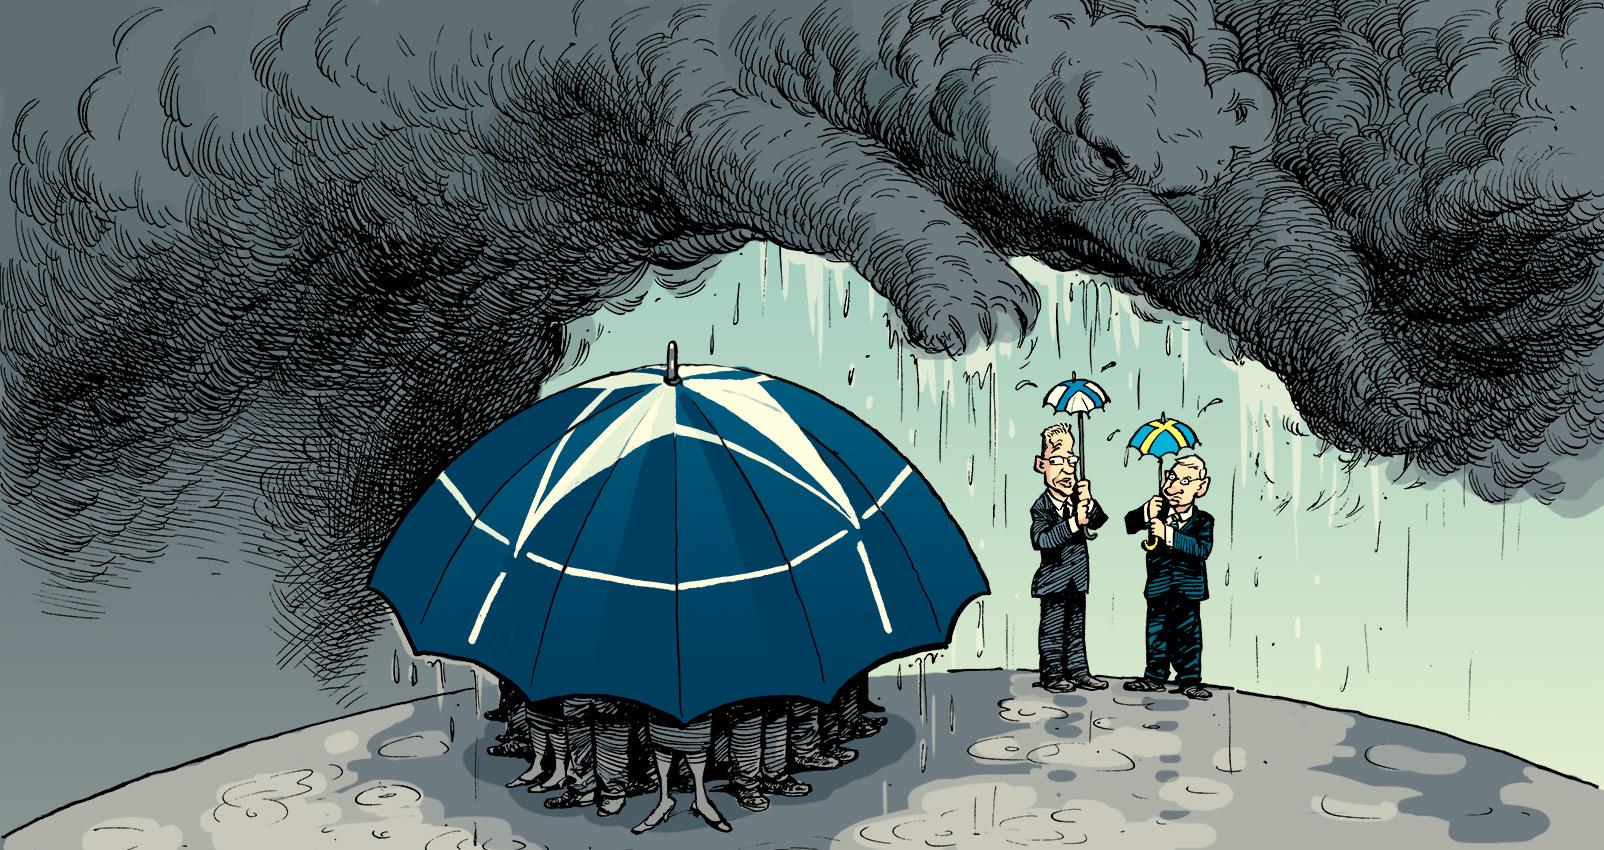 """<em>Finnland und Schweden außerhalb der NATO – für wie lange noch?</em><br>Der Cartoon von David Parkins erschien ursprünglich in <a href=""""http://www.economist.com/news/europe/21604586-russia-stokes-fresh-debate-among-nordics-about-nato-membership-what-price-neutrality"""" target=""""_blank"""">The Economist</a>. <br>Verwendung mit freundlicher Genehmigung des Zeichners. Used with permission by David Parkins, originally published in <a href=""""http://www.economist.com/news/europe/21604586-russia-stokes-fresh-debate-among-nordics-about-nato-membership-what-price-neutrality"""" target=""""_blank"""">The Economist</a>."""